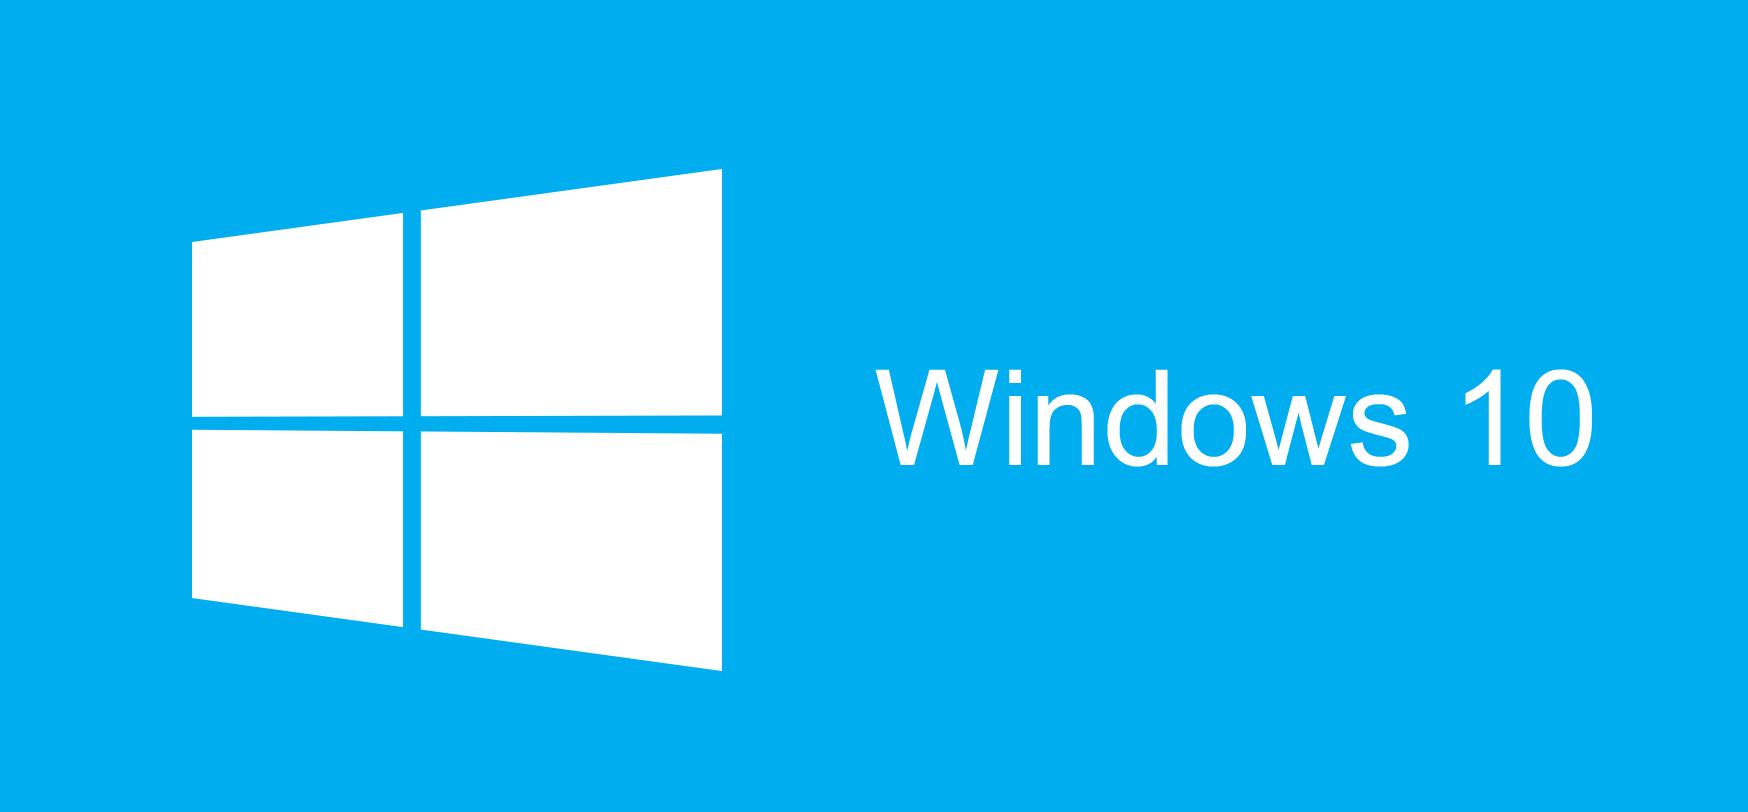 開放升級 Windows 10:請留意您的作業系統版本